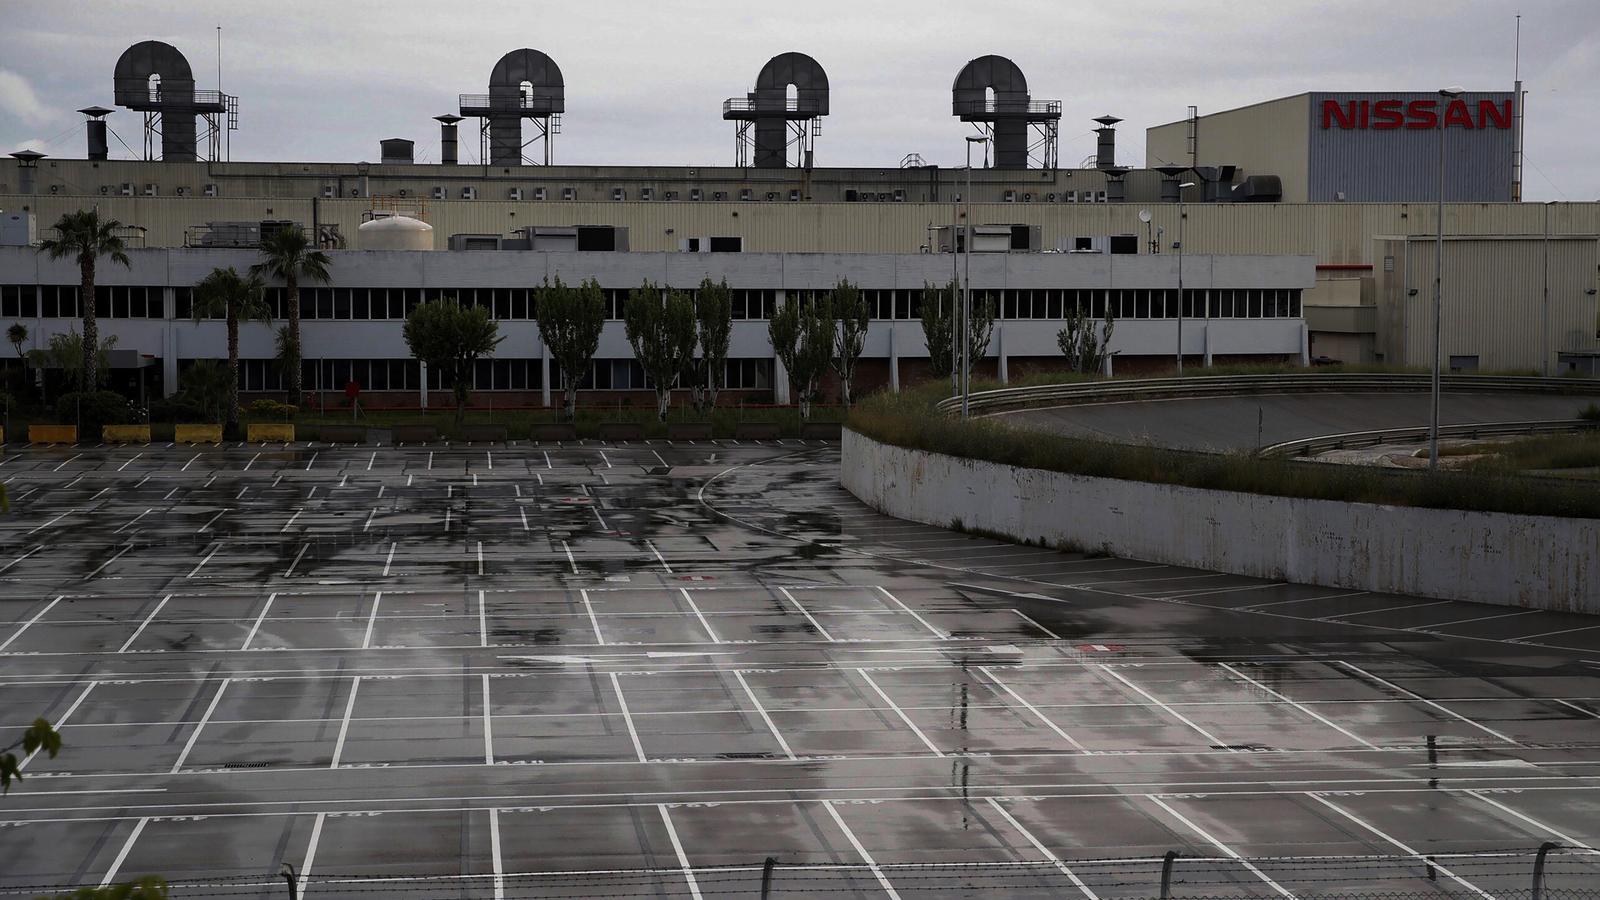 La planta de Nissan de la Zona Franca de Barcelona és la més gran de les tres fàbriques que té la companyia a Catalunya i hi treballen 2.100 empleats